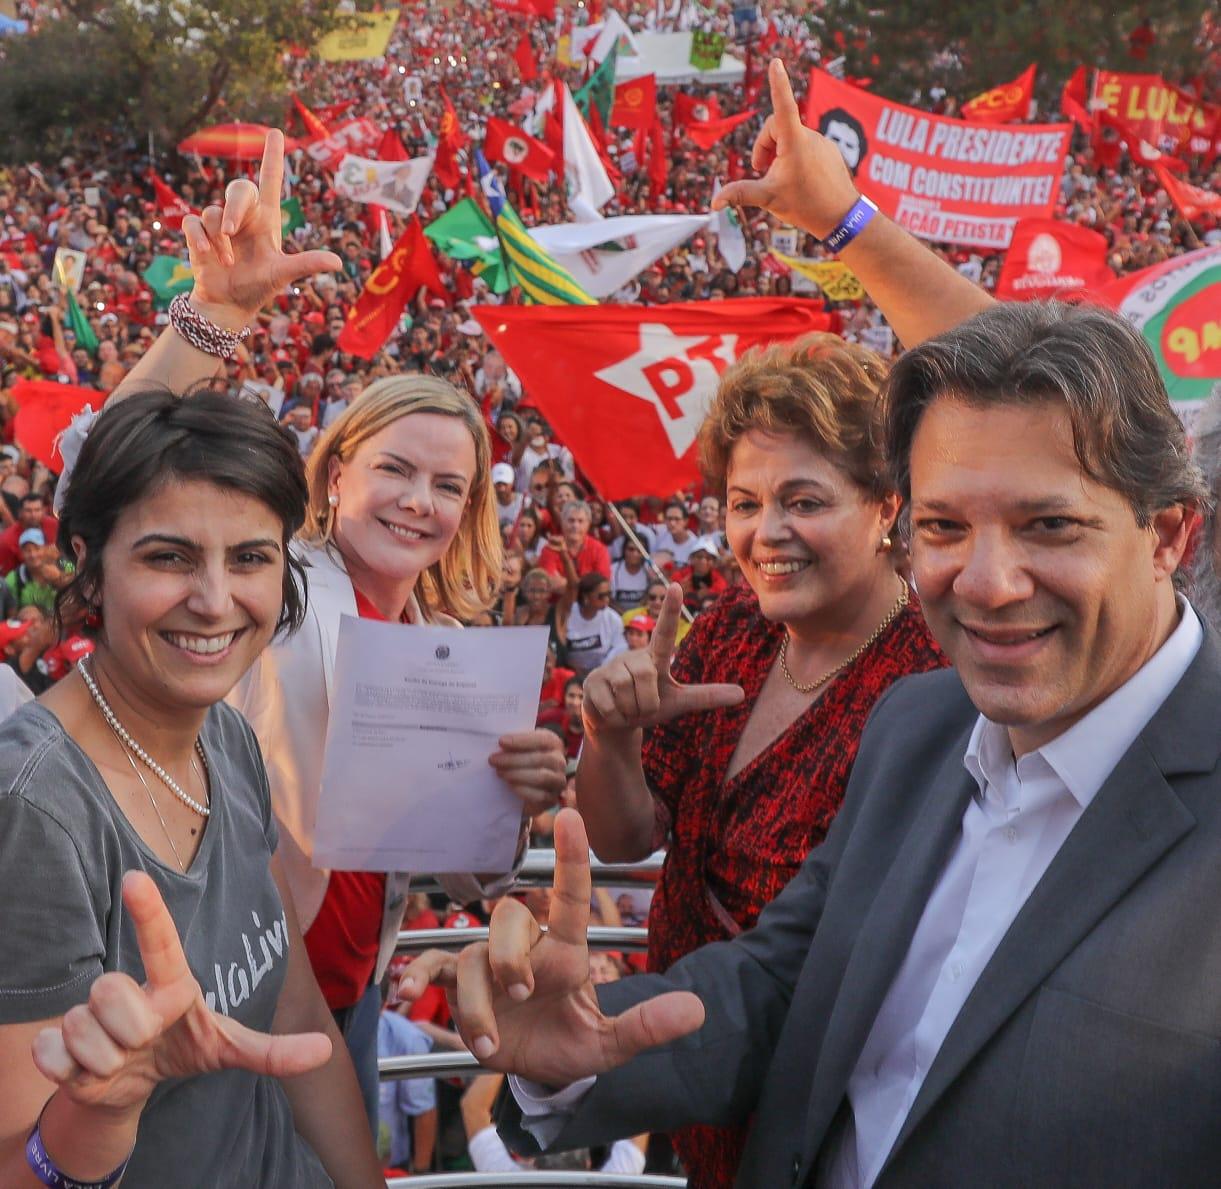 Até os jornais da oligarquia admitem vitória de Haddad